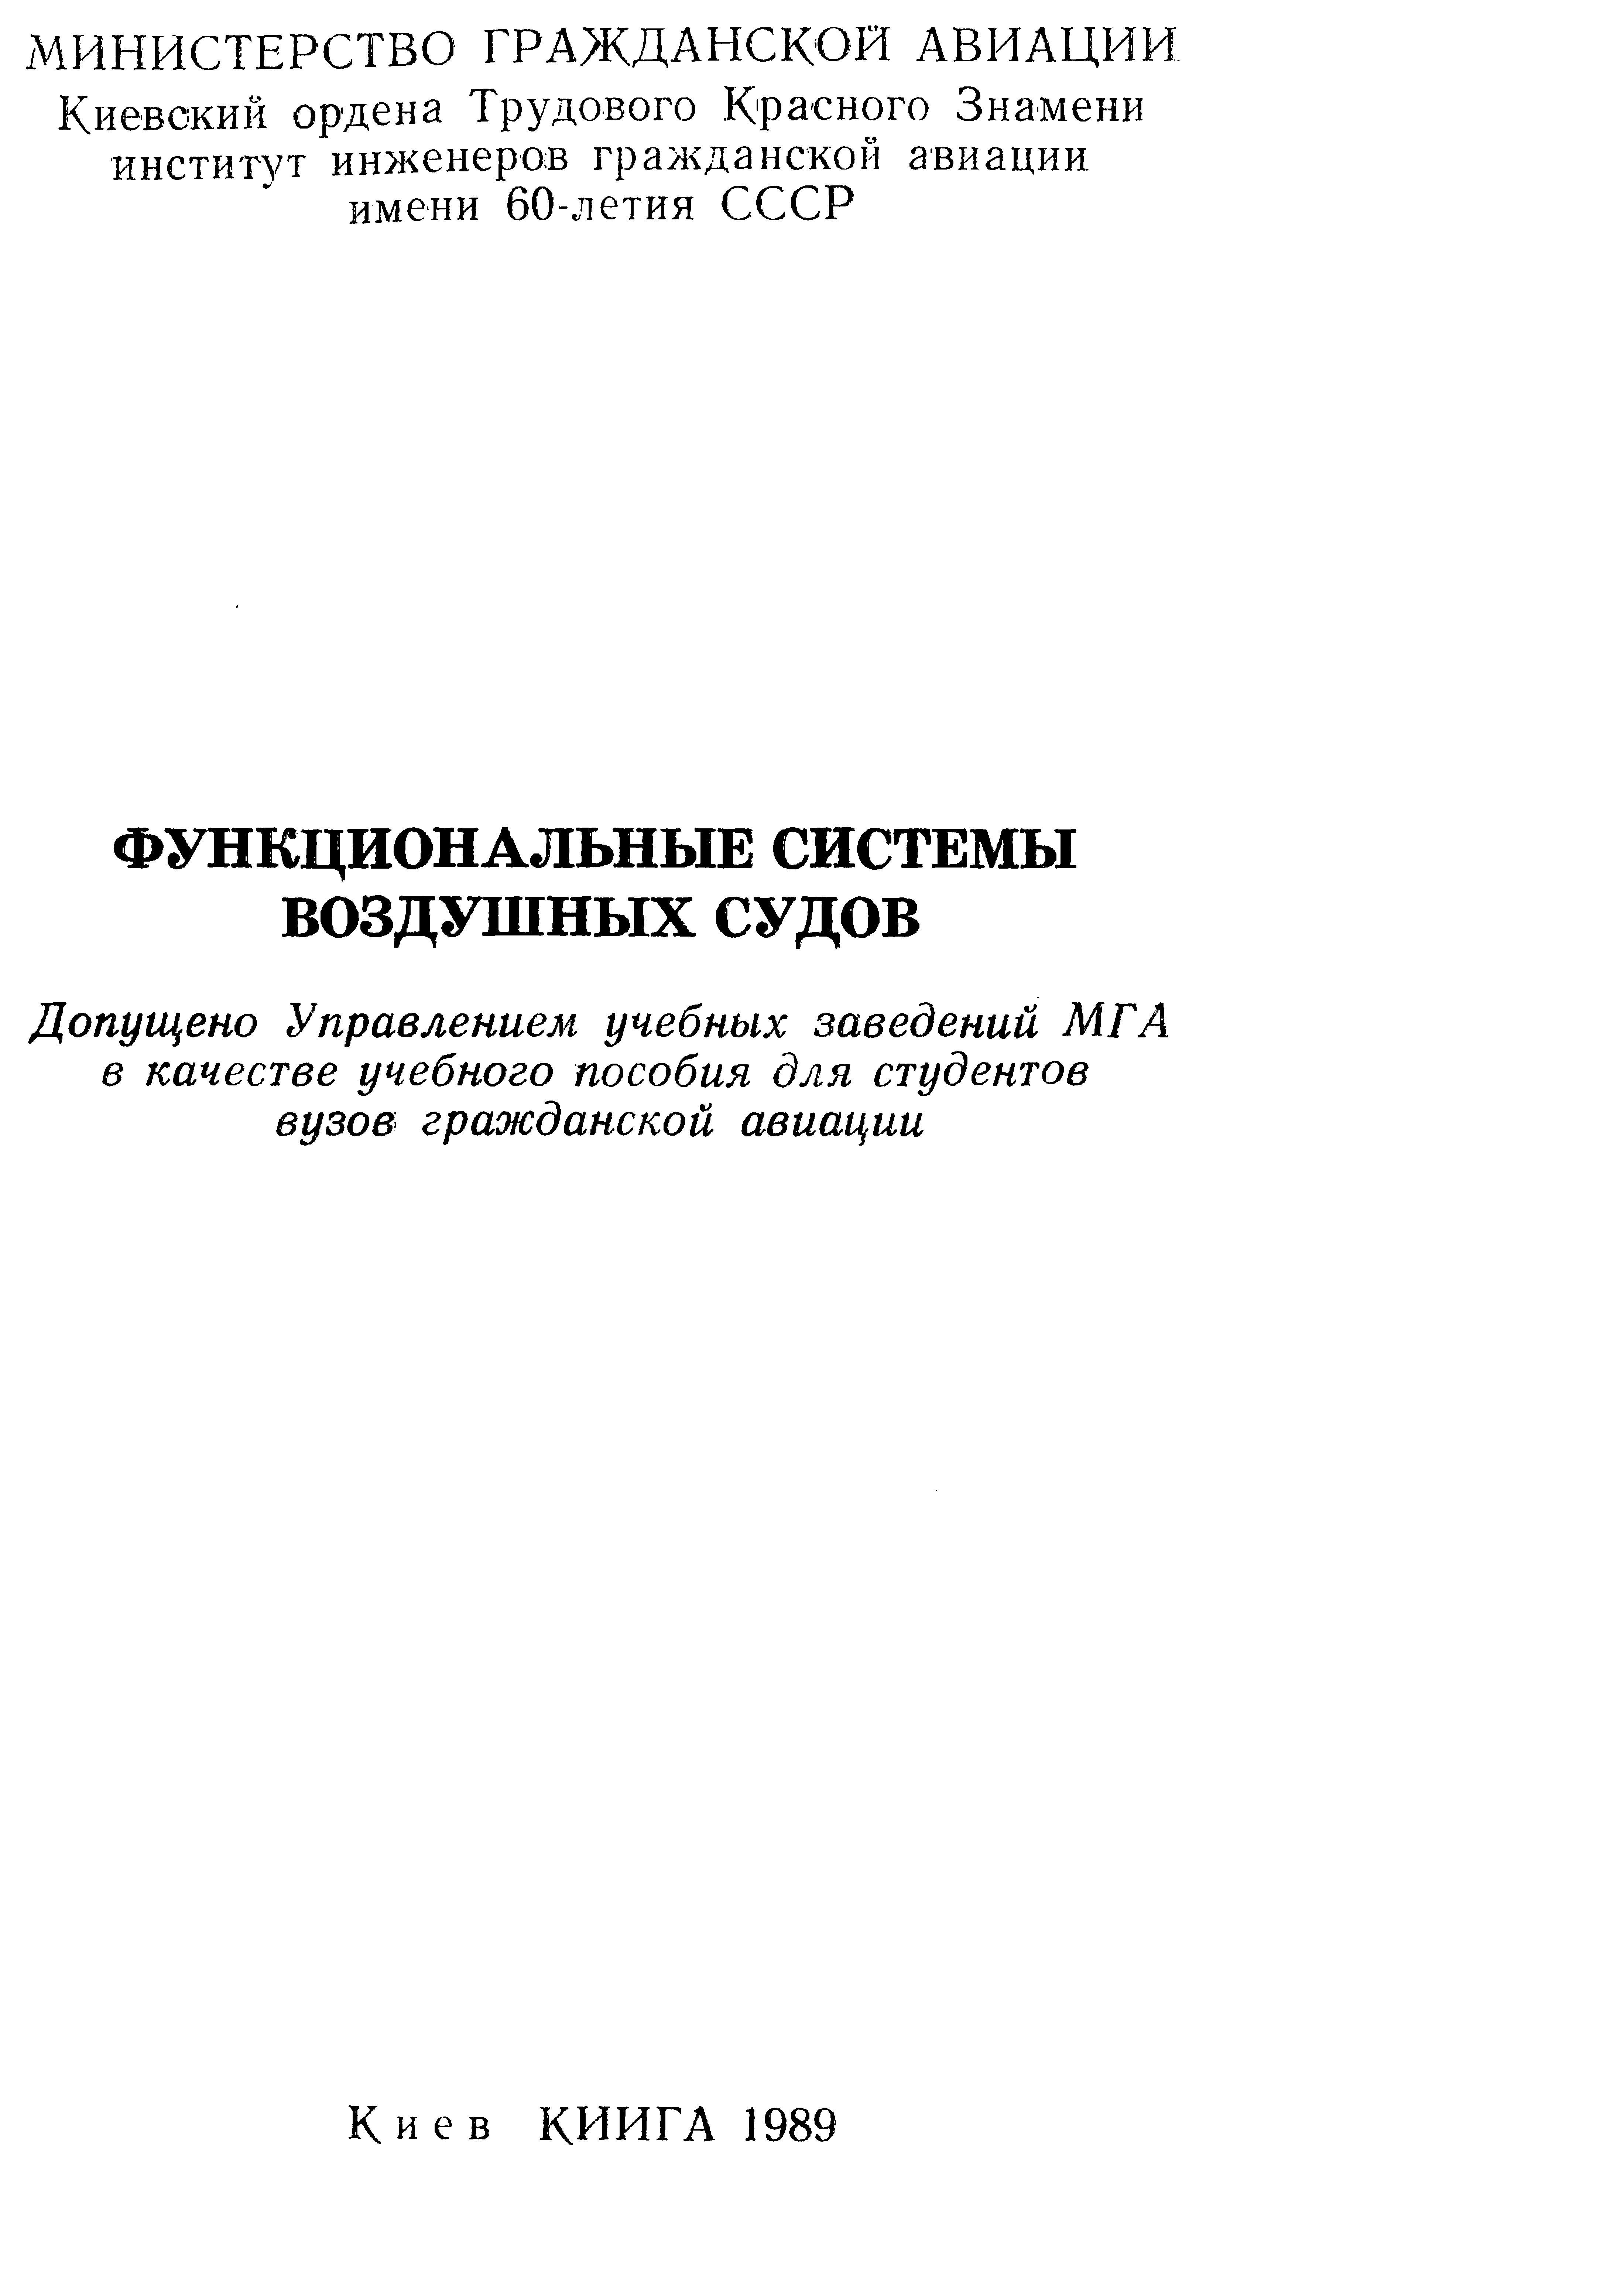 Обложка книги Функциональные системы воздушных судов (Гаража В.В., Желиба А.Н., Казанец В.И.)